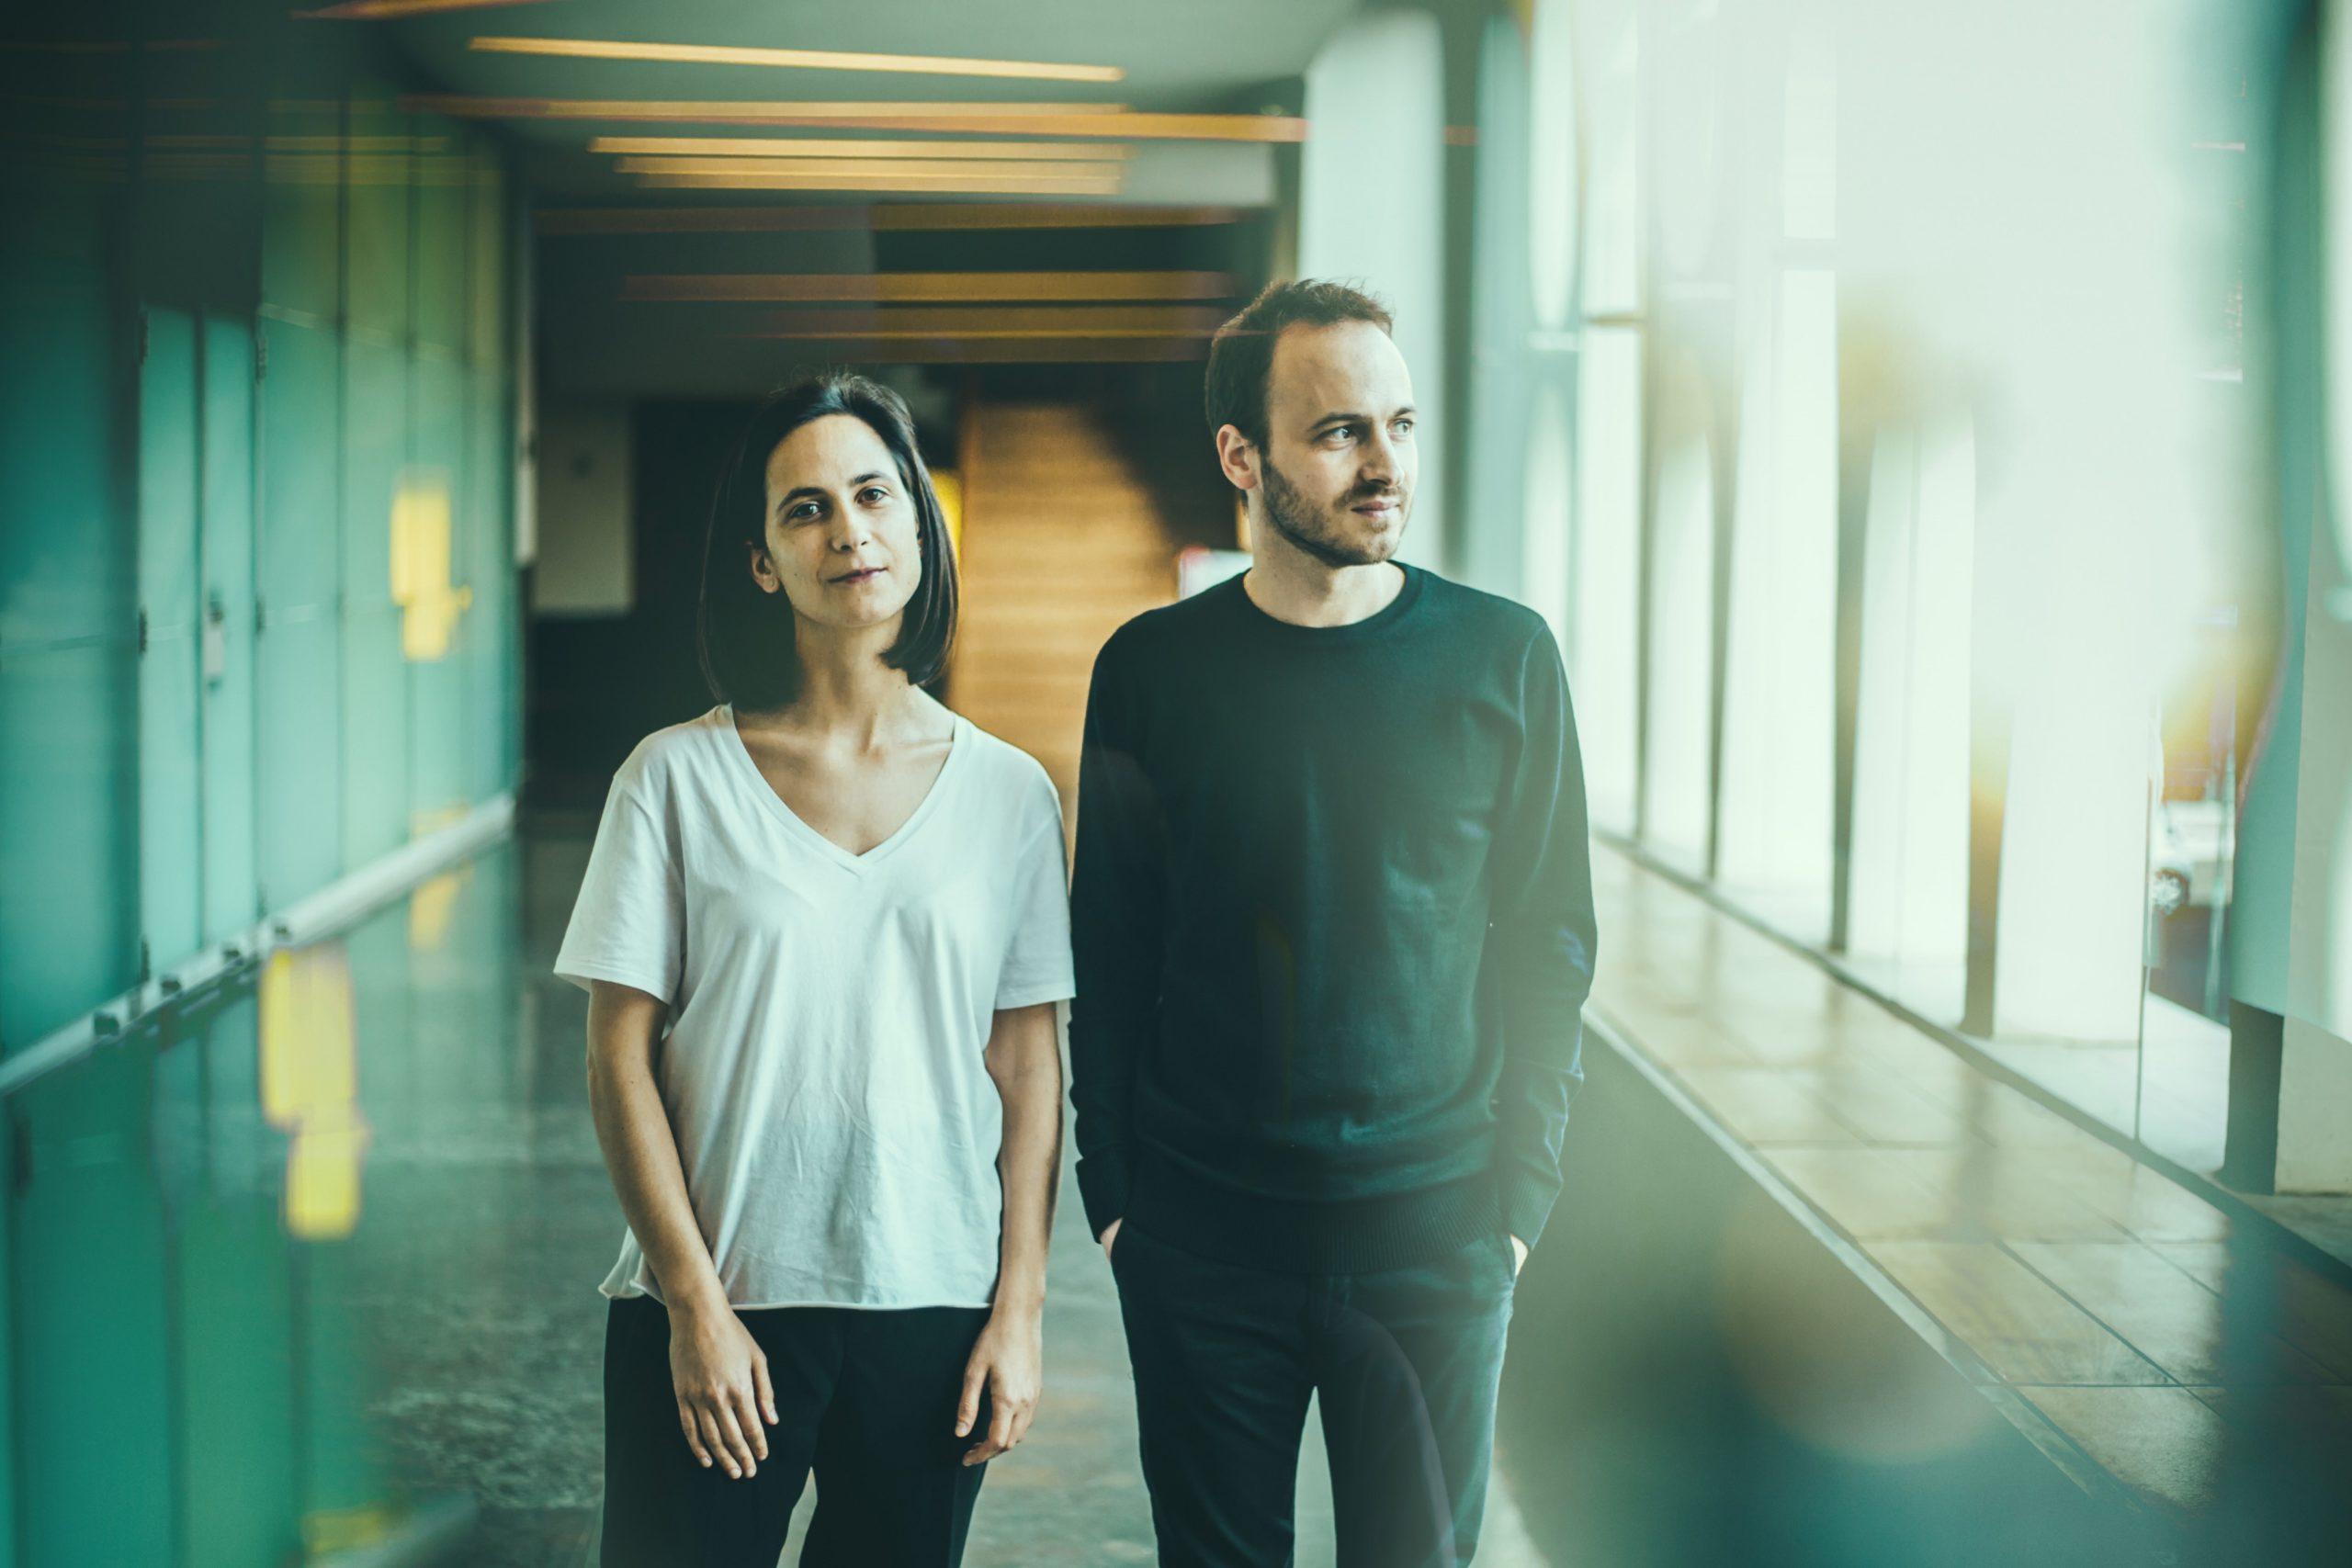 """Concerto: """"Joana Gama & Luís Fernandes"""" na Covilhã"""